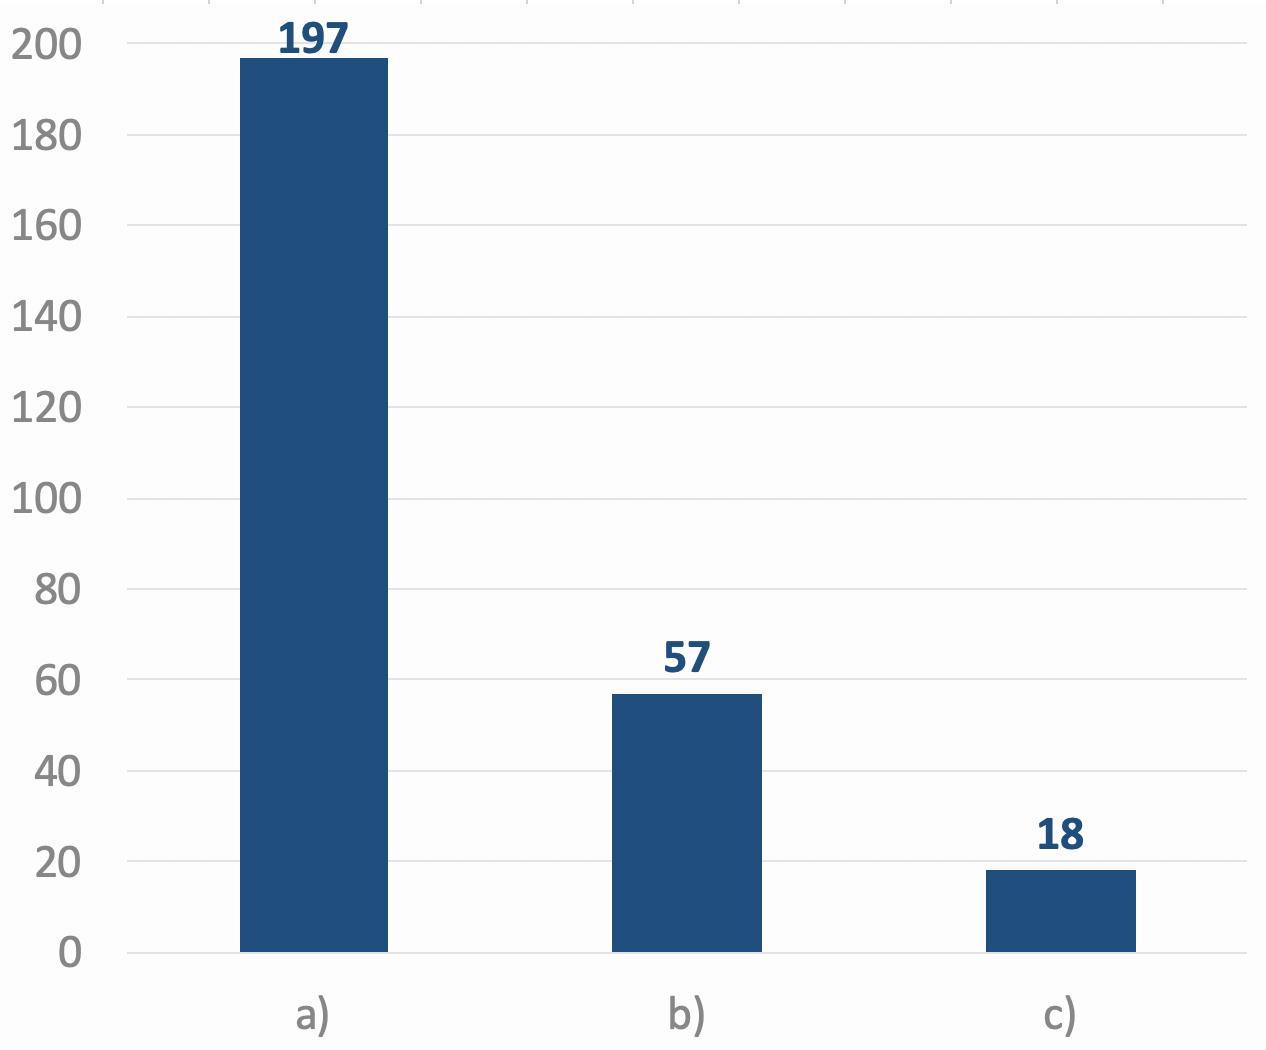 Zahl der Honorar-Finanzanlagenberater in Deutschland zum Januar 2020